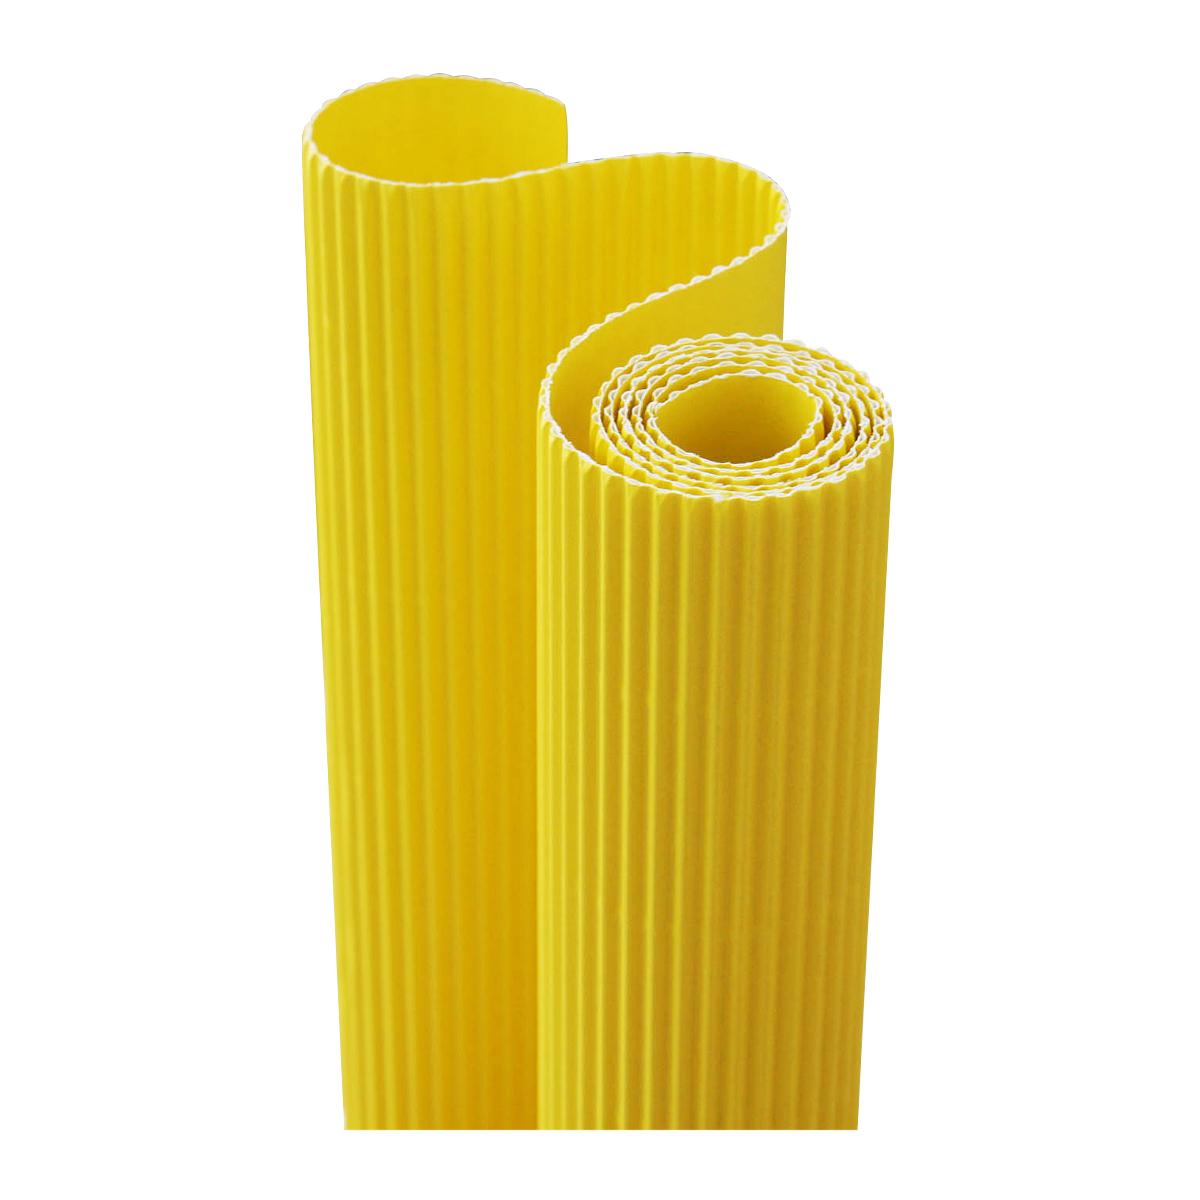 Картон гофрированный Folia, цвет: лимонный, 50 х 70 см7710888_12 лимонныйДвухслойный гофрированный картон Folia в основном применяется для декорирования. Он состоит из одного слоя плоского картона и слоя бумаги, имеющую волнообразную (гофрированную) форму. Отличается малым весом и высокими физическими параметрами. Применение: для дизайнерских и оформительских работ, для декоративного детского творчества. Также такой материал хорошо зарекомендовал себя в качестве упаковочного материала.